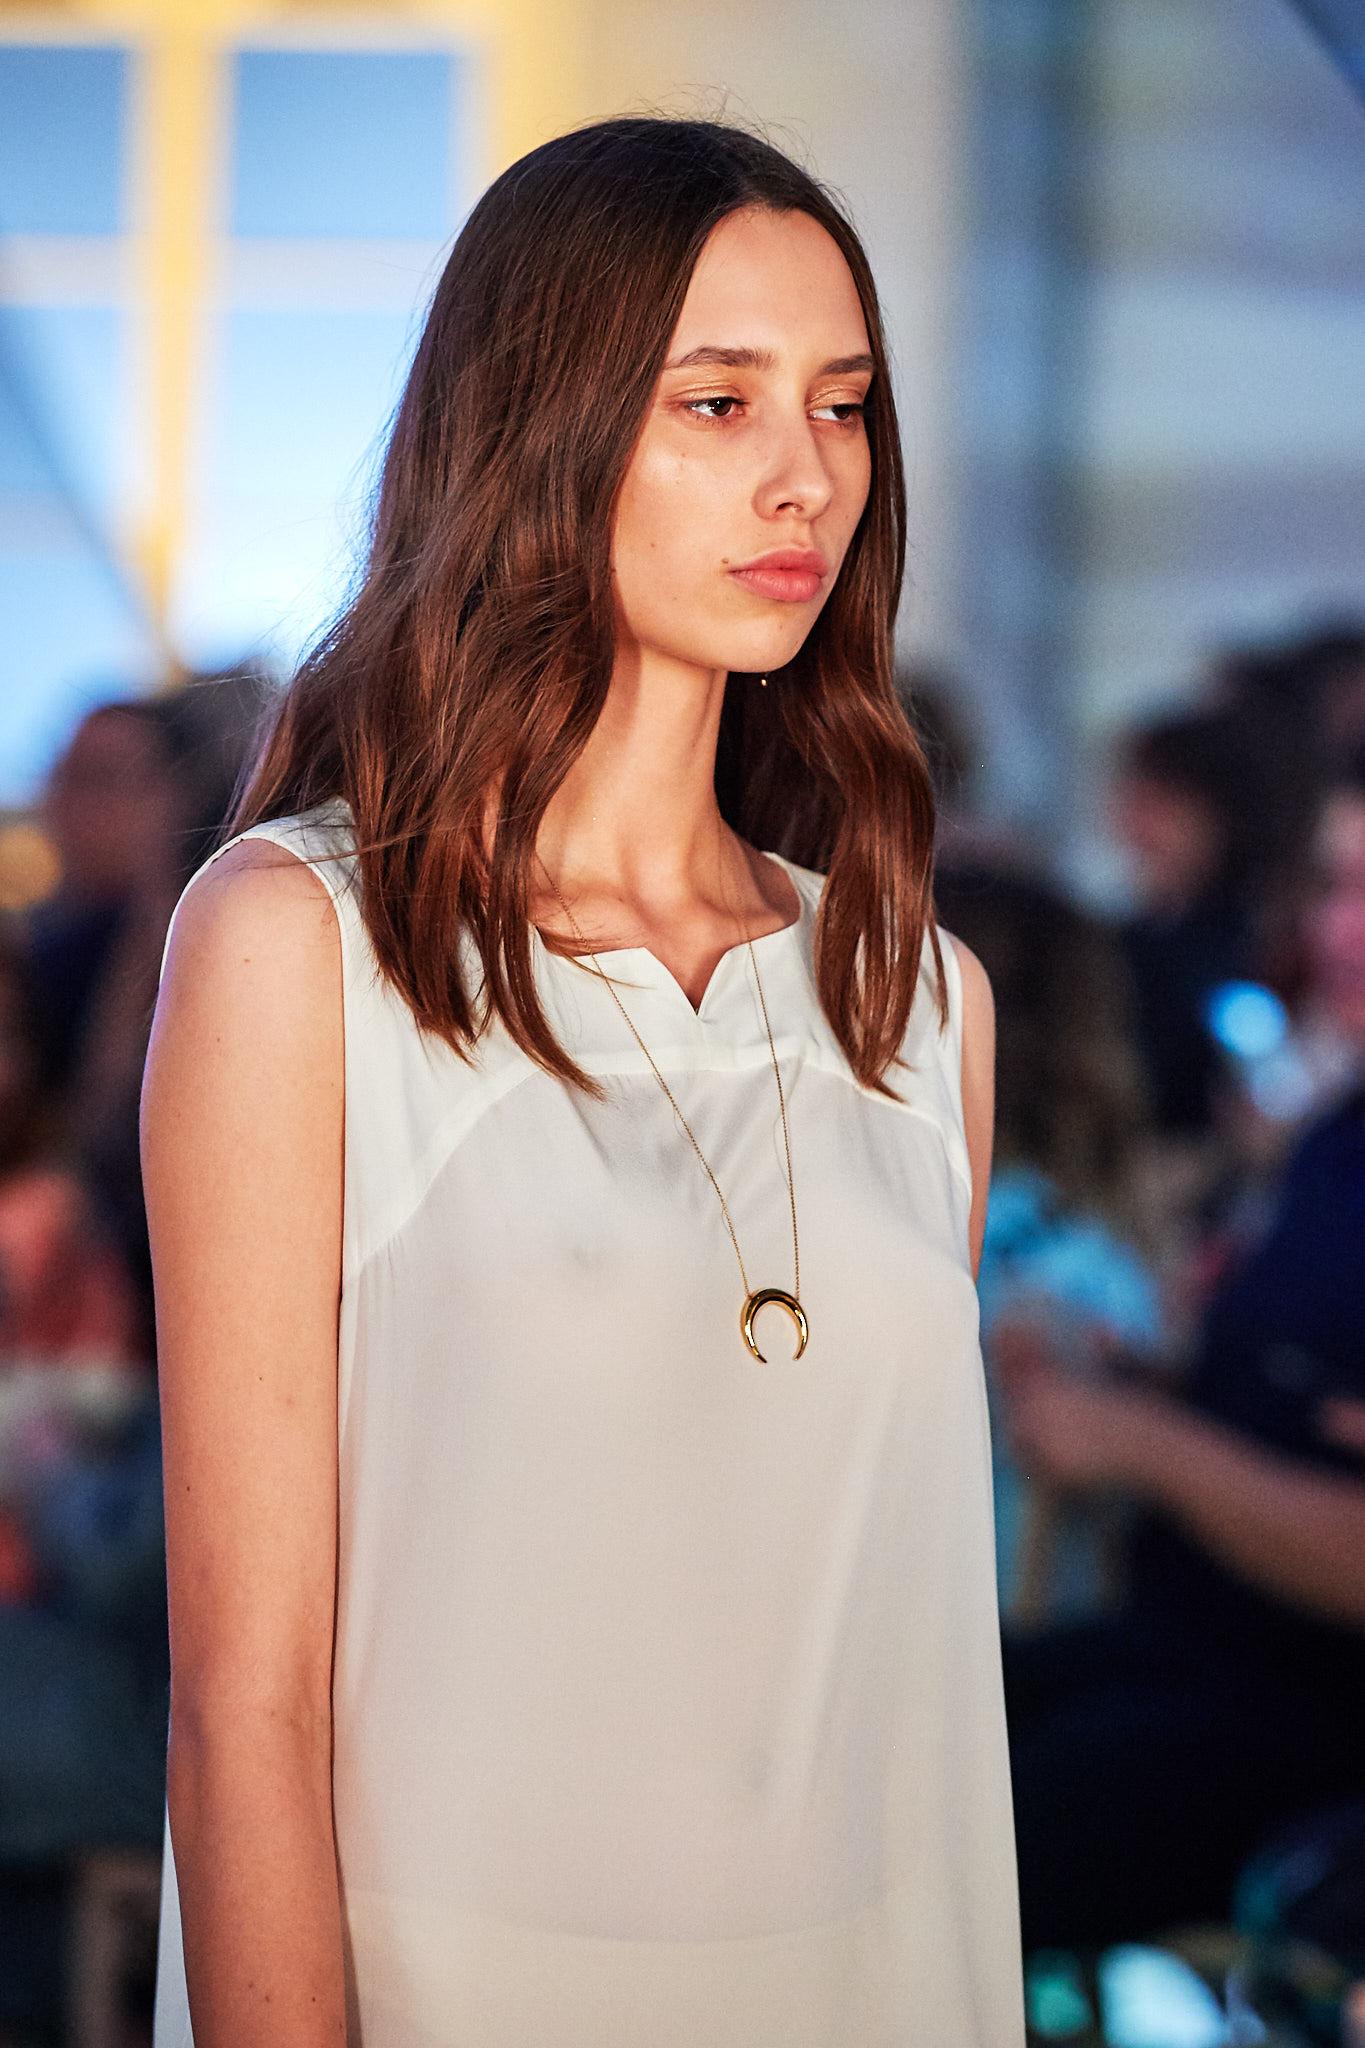 45_MMC-010719-lowres-fotFilipOkopny-FashionImages